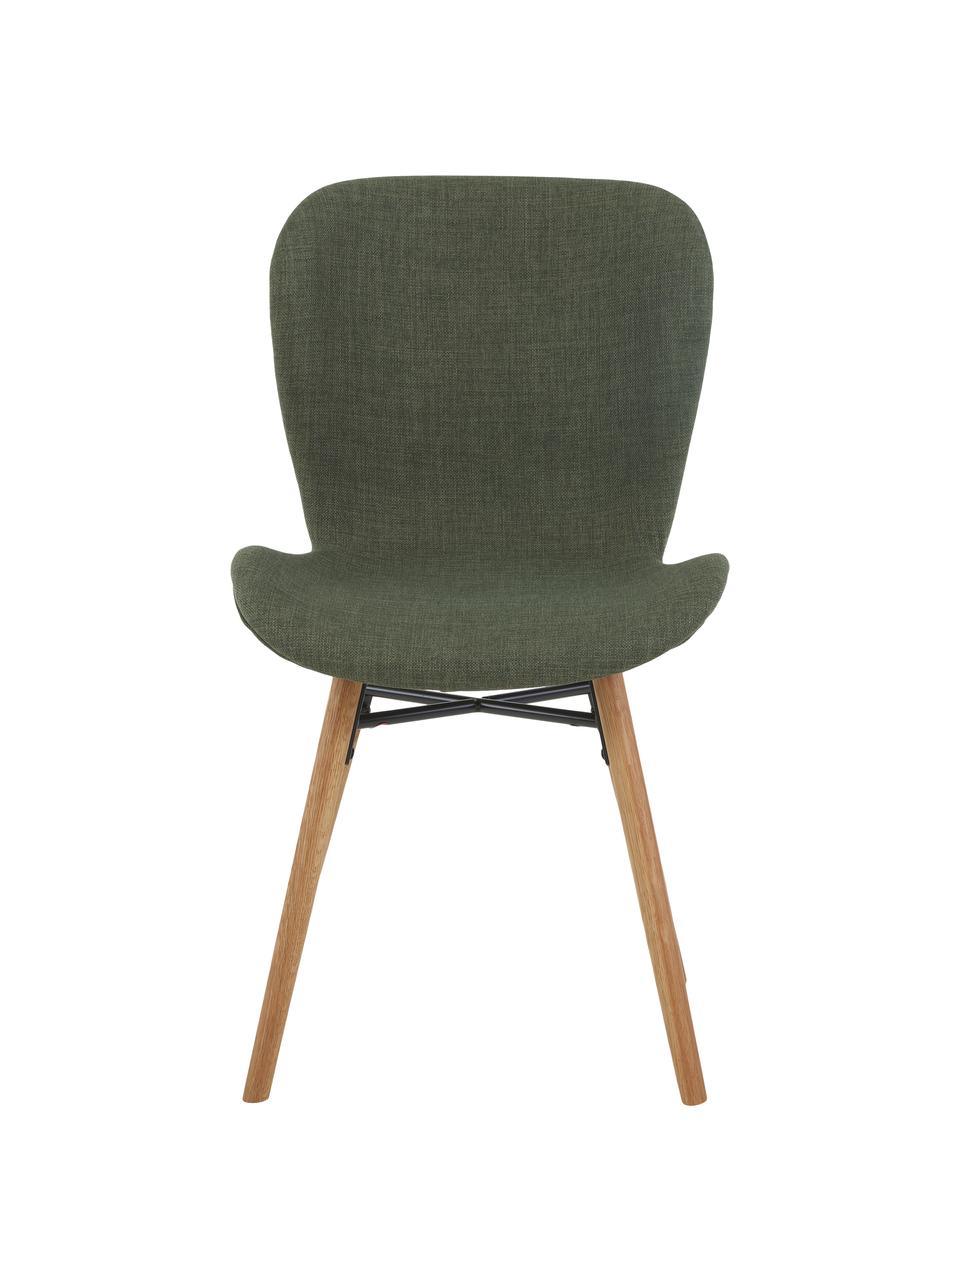 Krzesło tapicerowane Batilda, 2 szt., Tapicerka: poliester Dzięki tkaninie, Nogi: lite drewno dębowe, lakie, Zielony, drewno dębowe, S 47 x G 53 cm